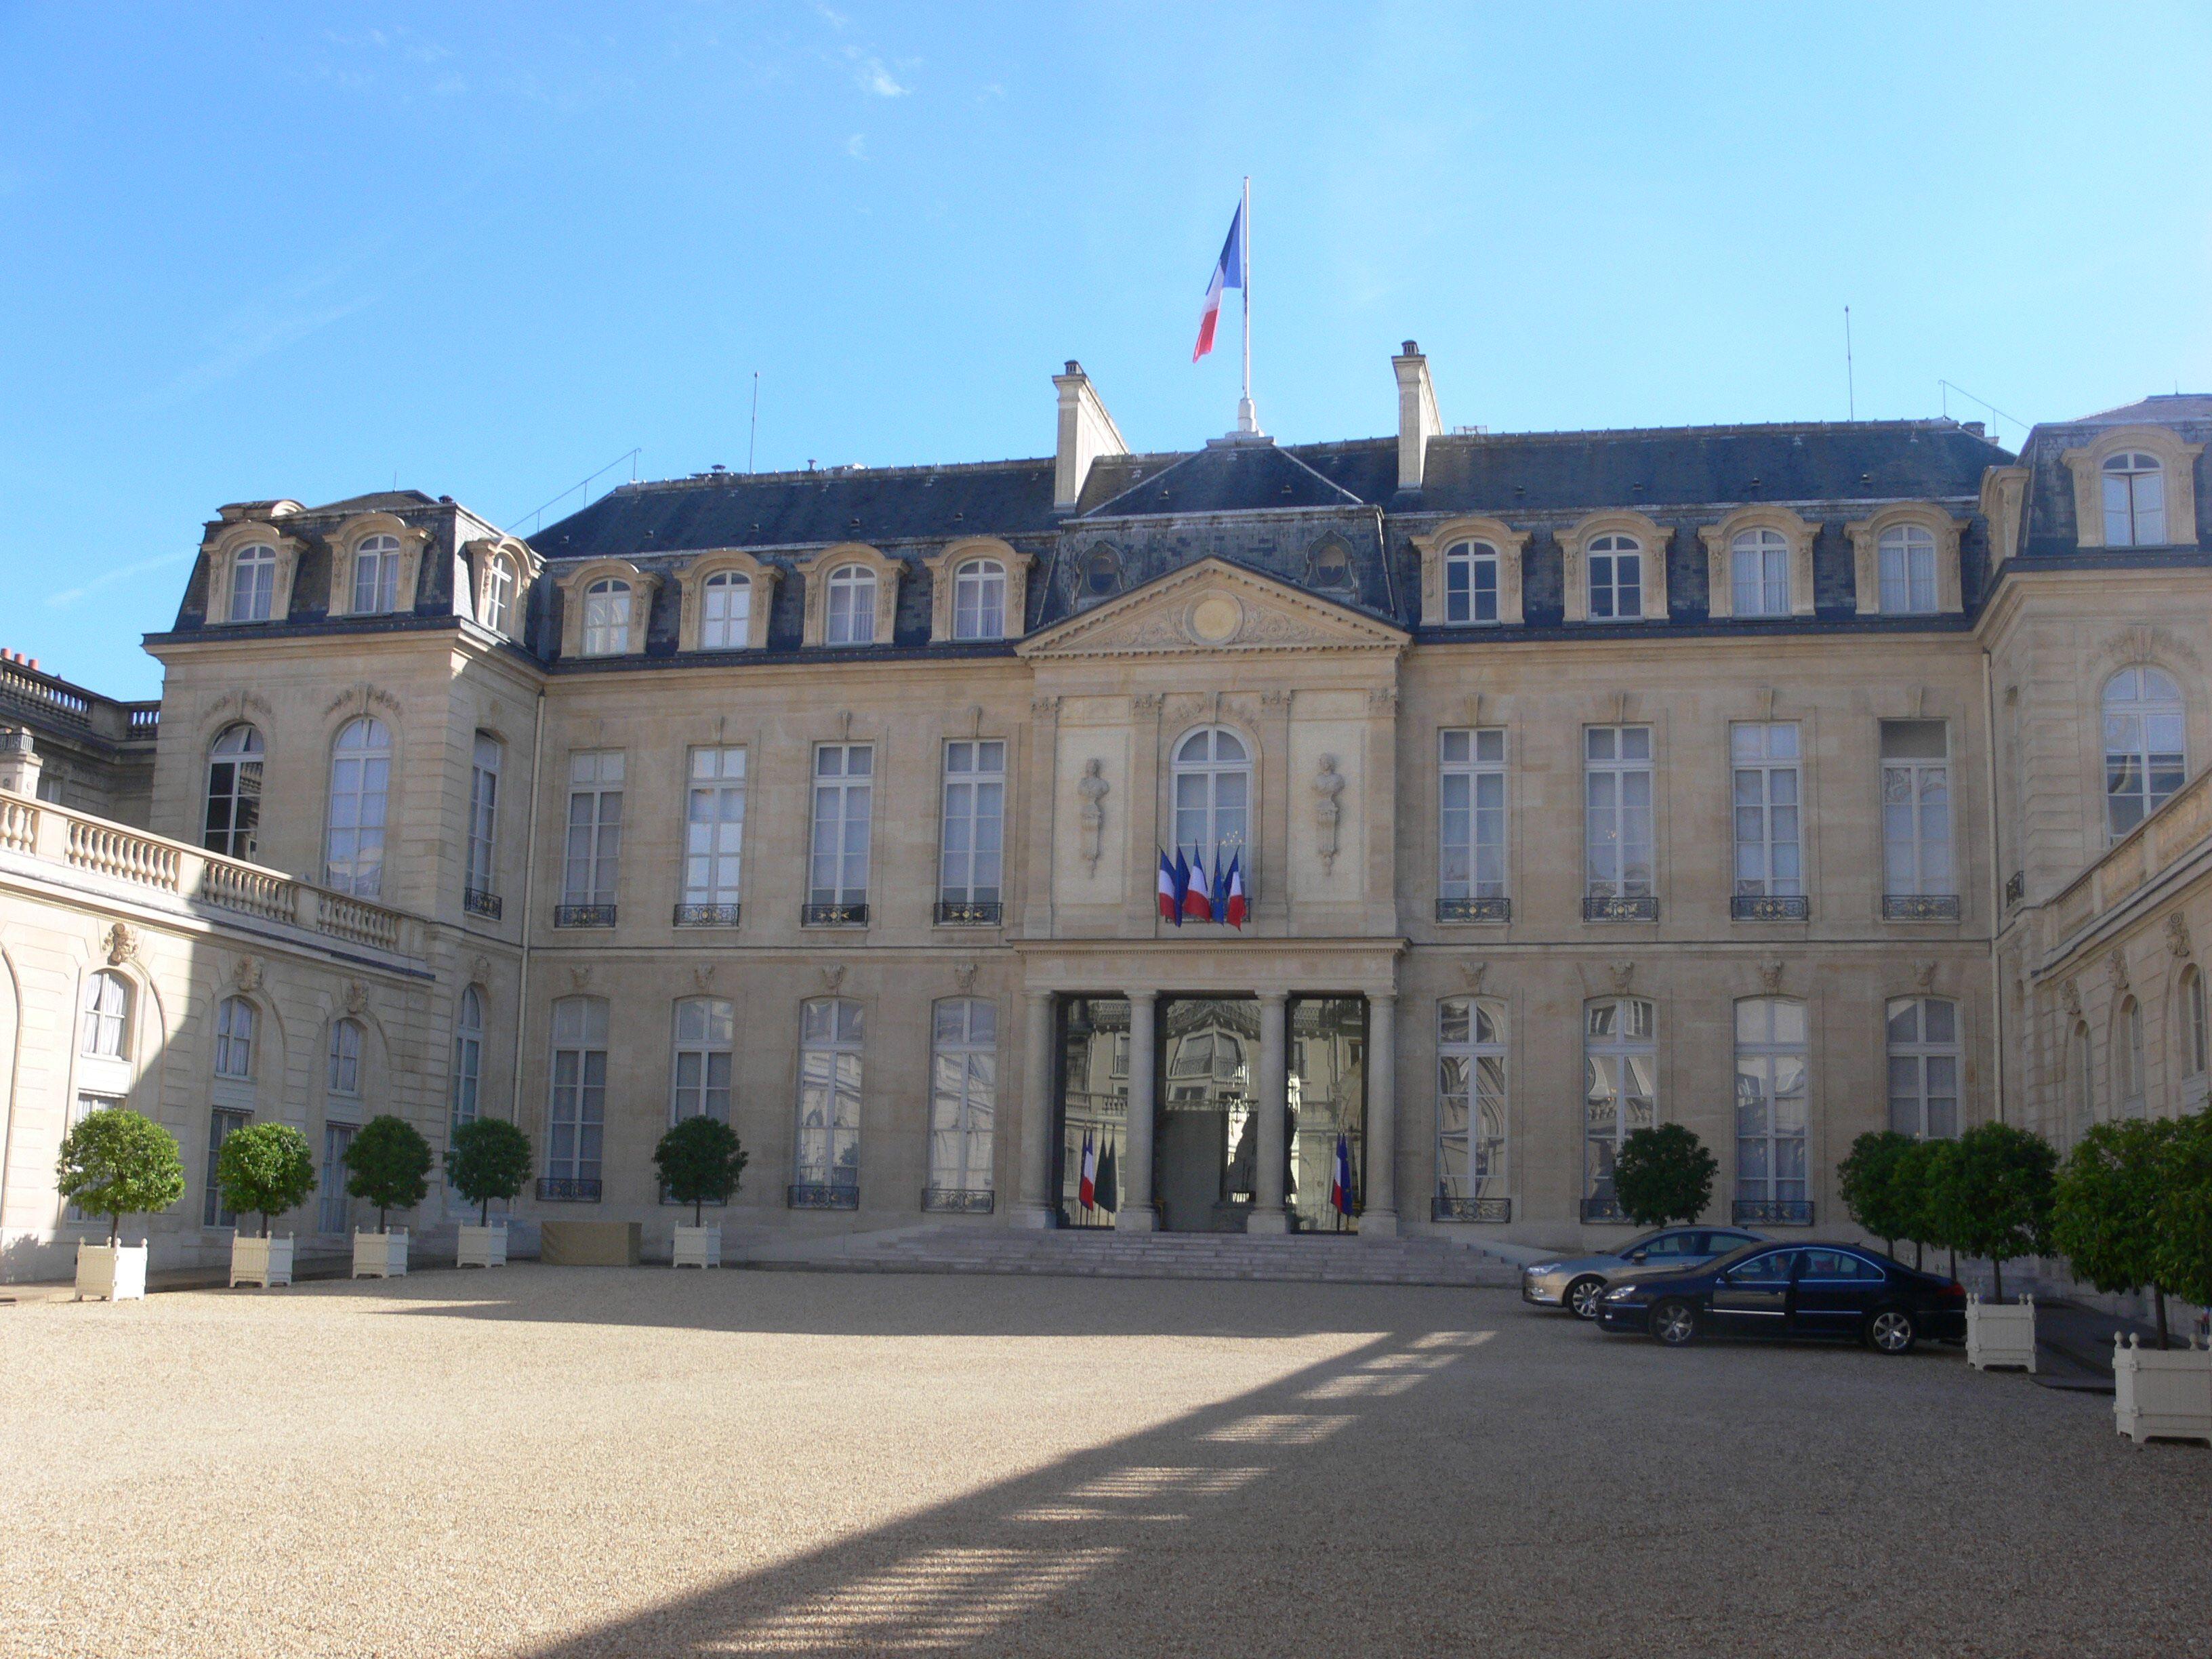 Présidentielle : Macron et Le Pen à égalité dans un nouveau sondage, Fillon remonte